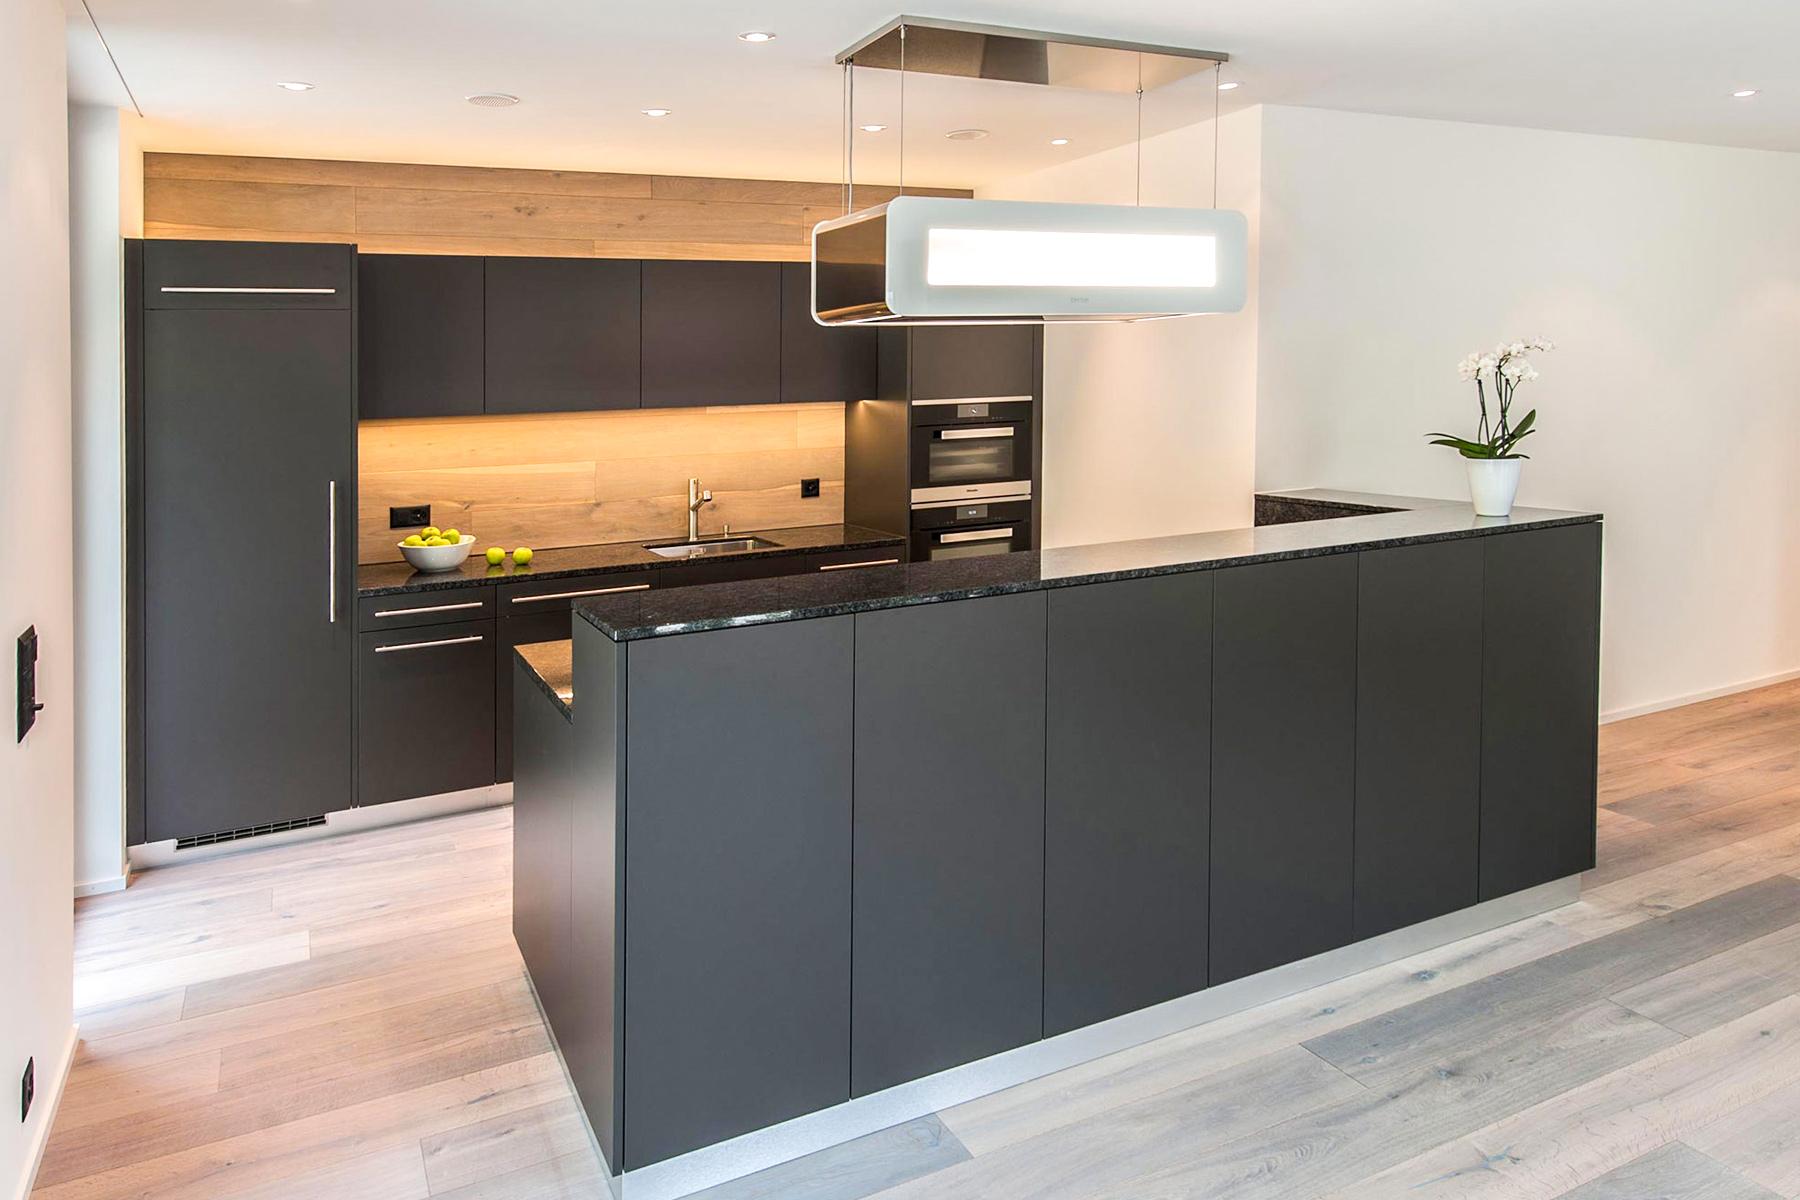 Küche Kunstharz - Basalt Naturstein